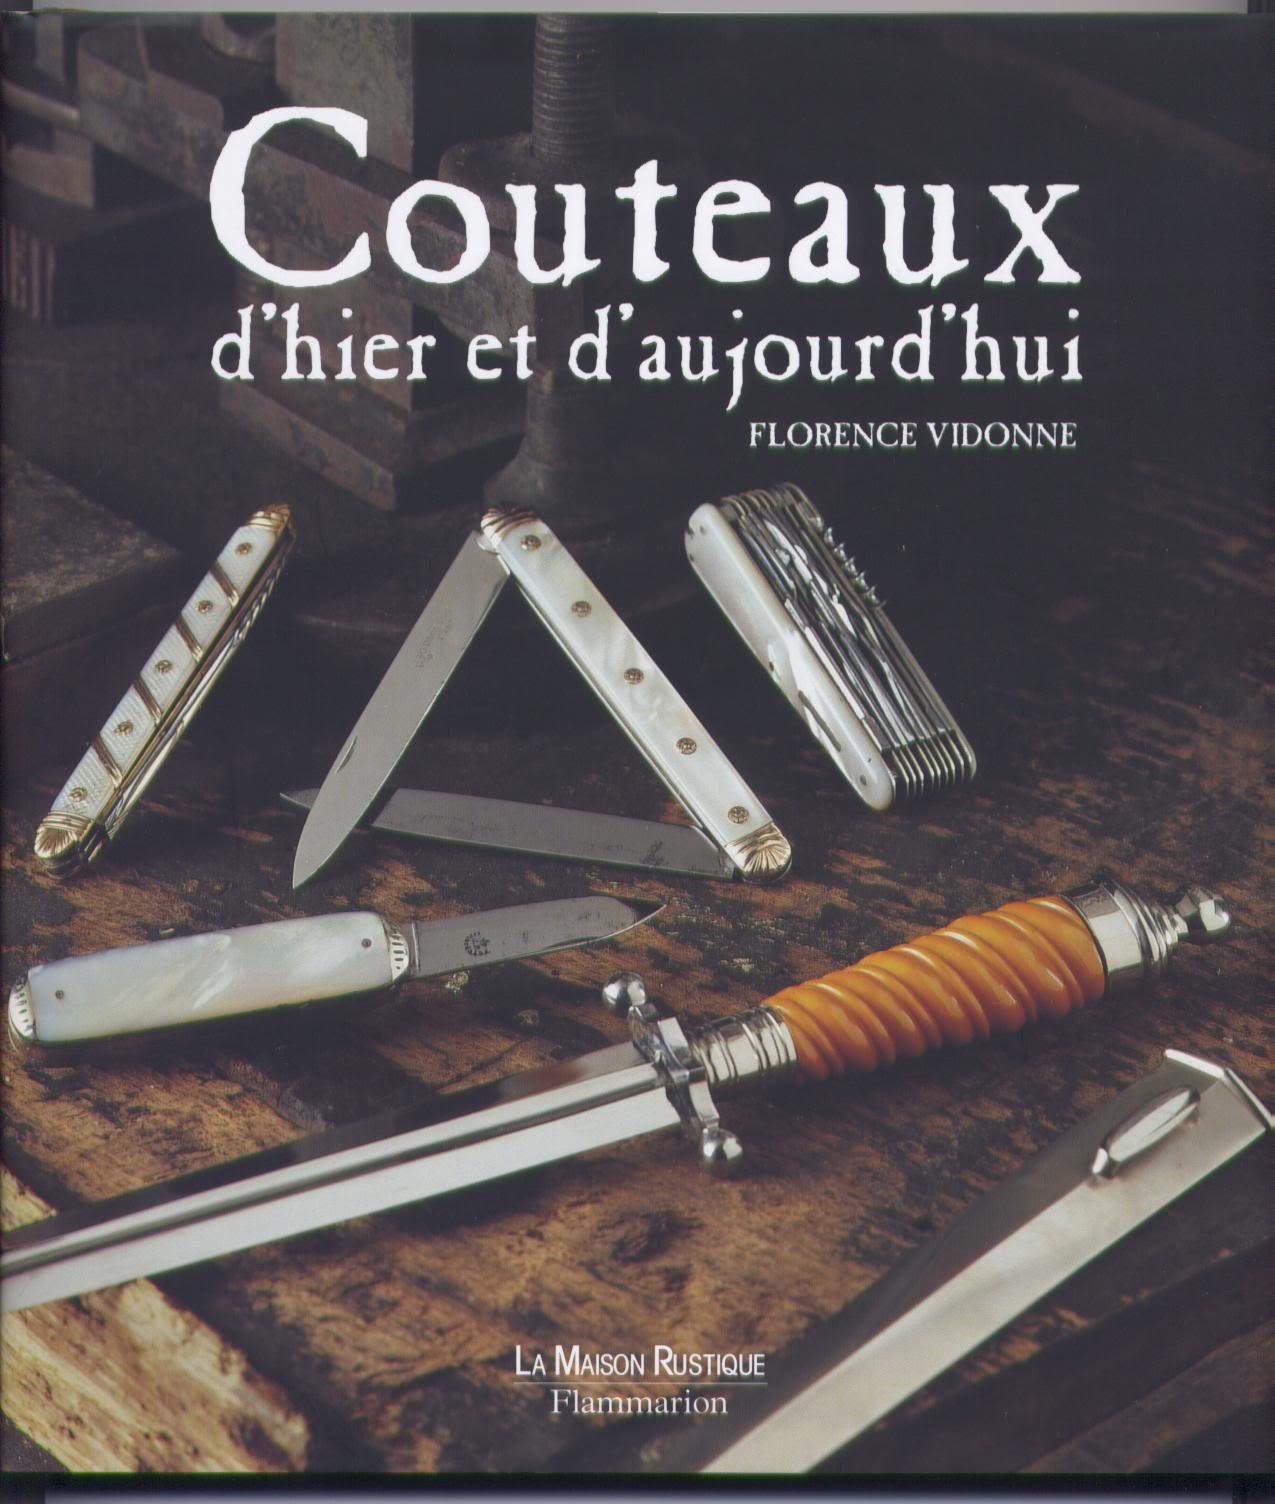 HS - Couteaux . Un nouveau livre Couteaux